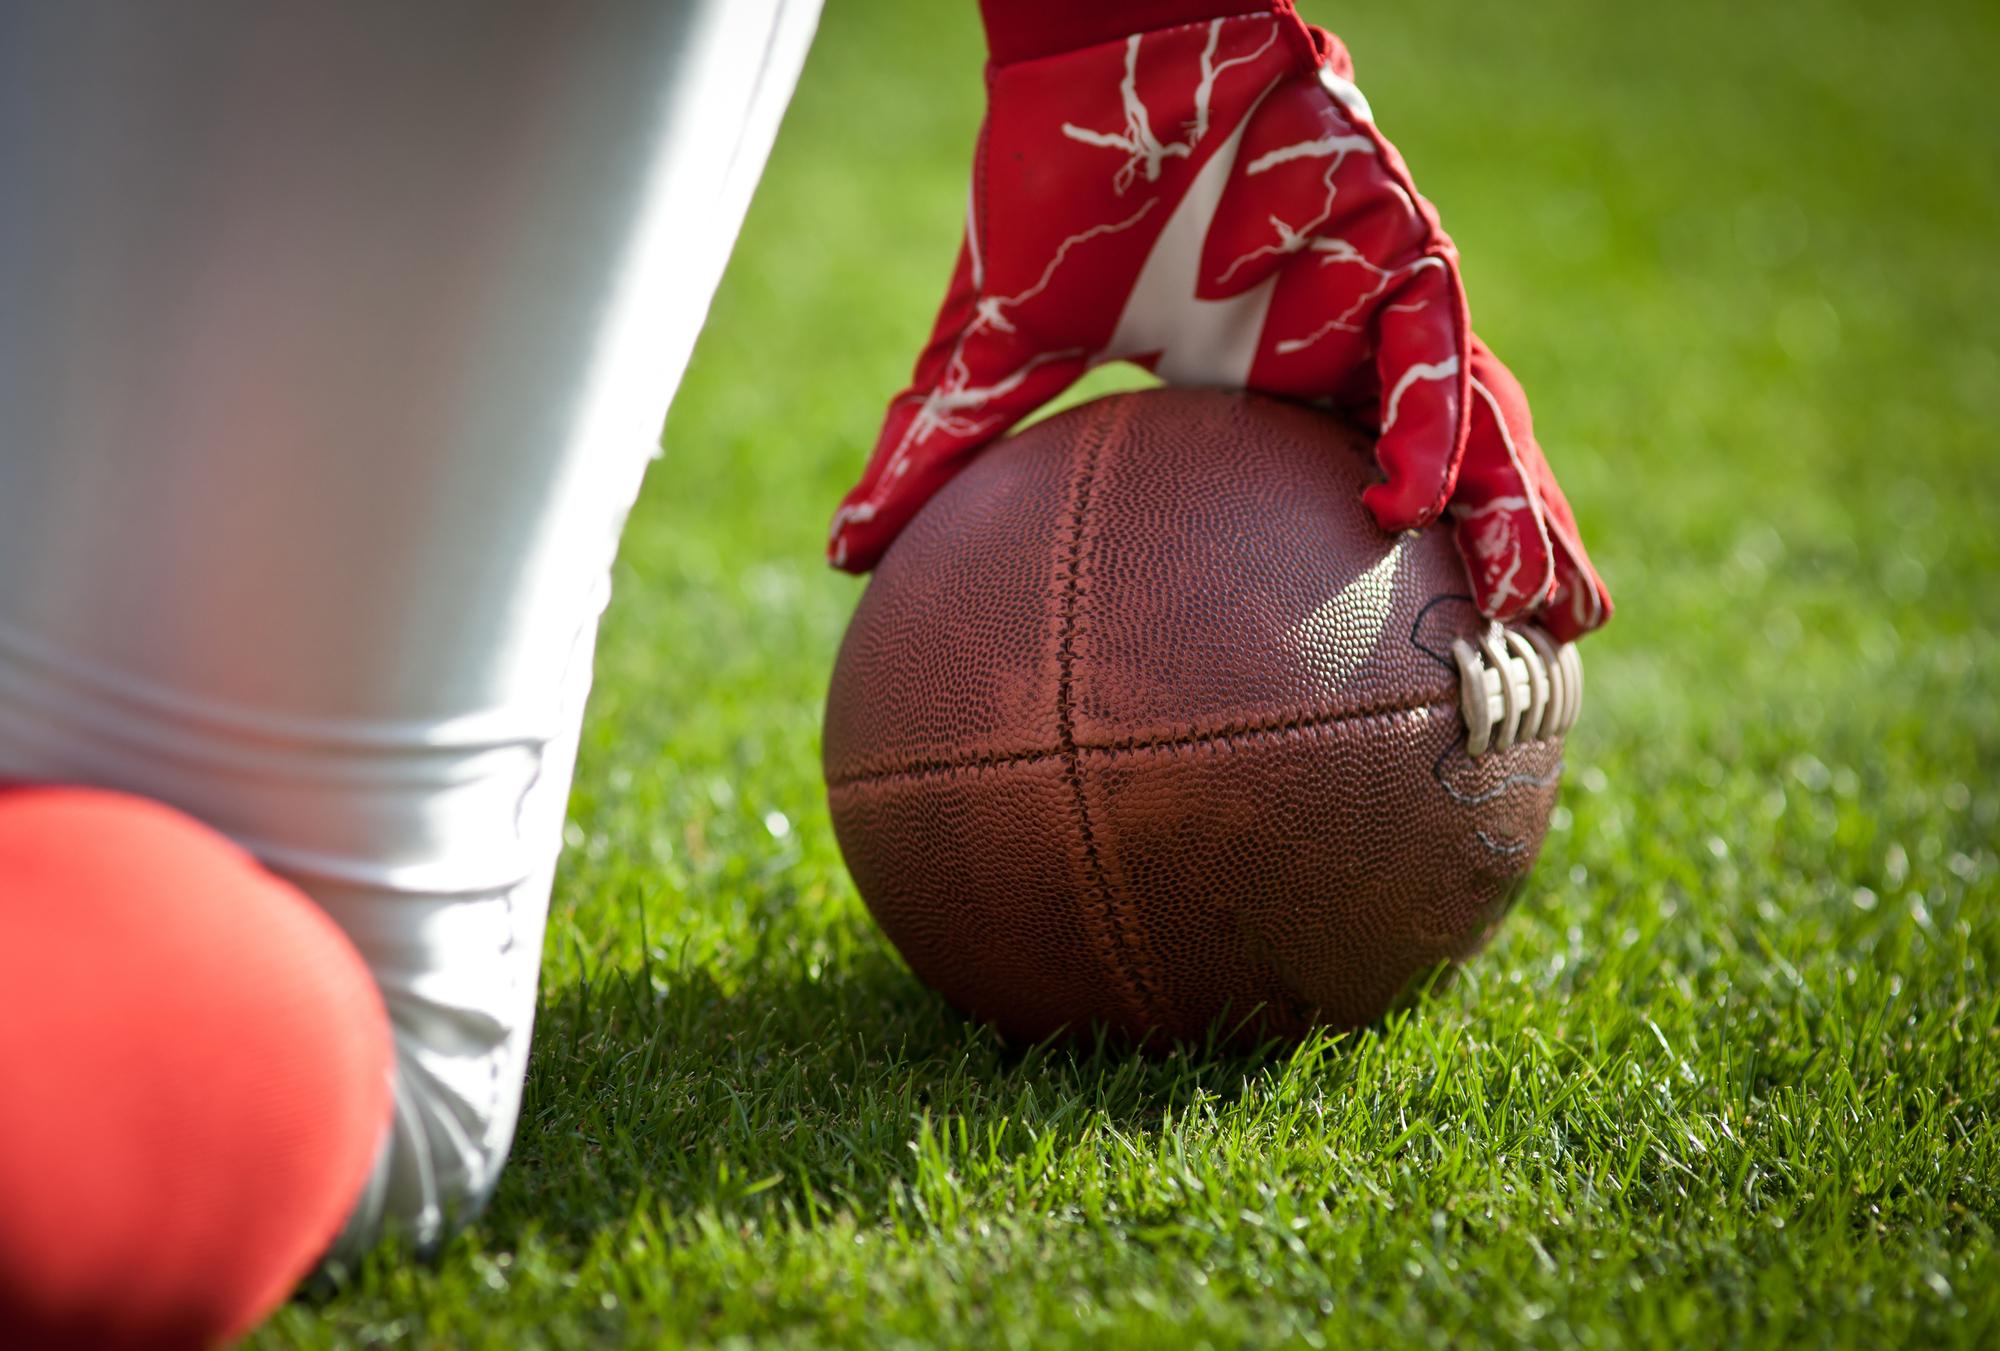 4大スポーツの中でも、アメリカンフットボールの人気は抜群!